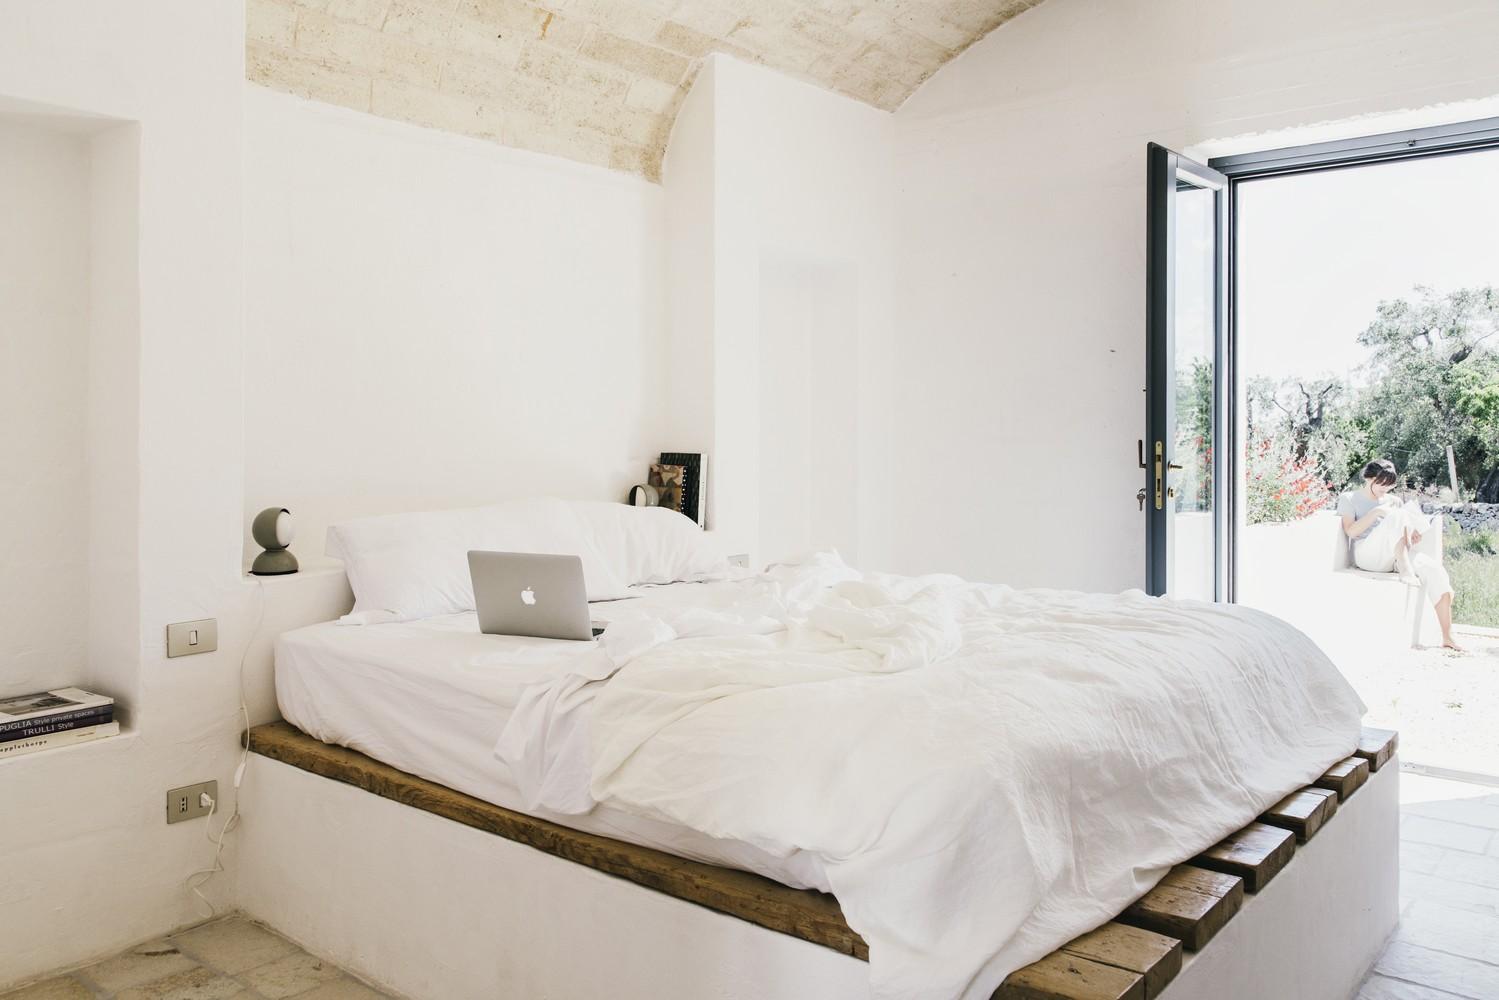 khu nghỉ dưỡng Masseria Moroseta-hot list-elledecoration vn-18